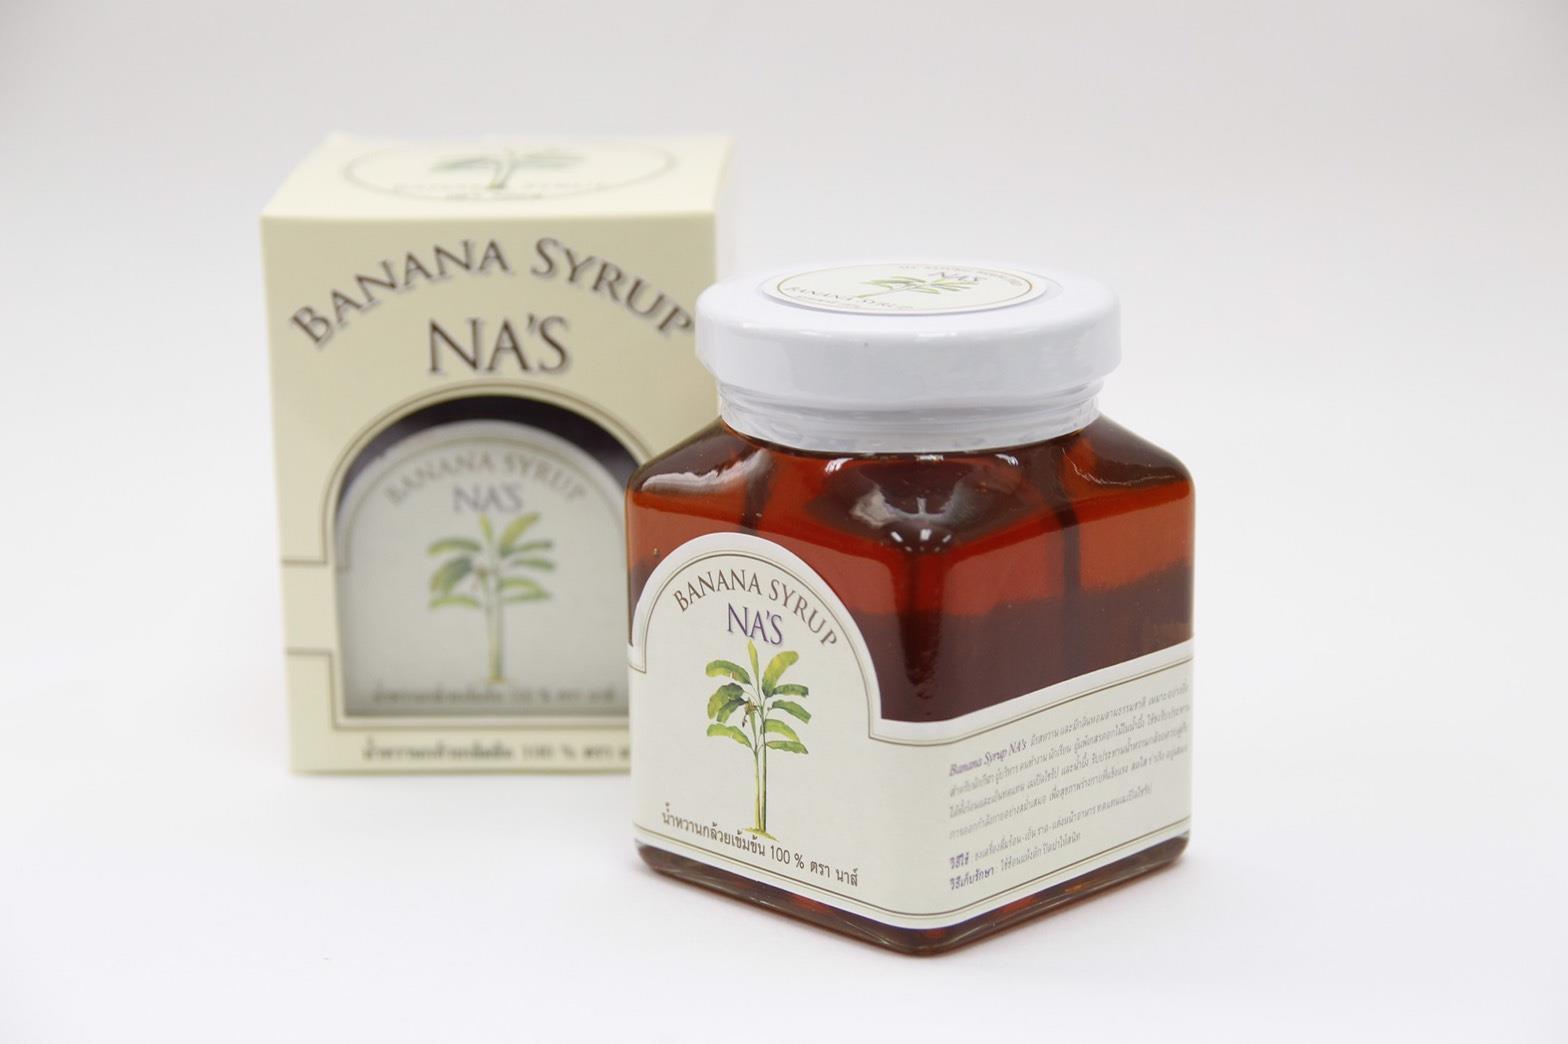 น้ำหวานกล้วยเข้มข้น 100% ผลิตภัณฑ์ตอบโจทย์สุขภาพ